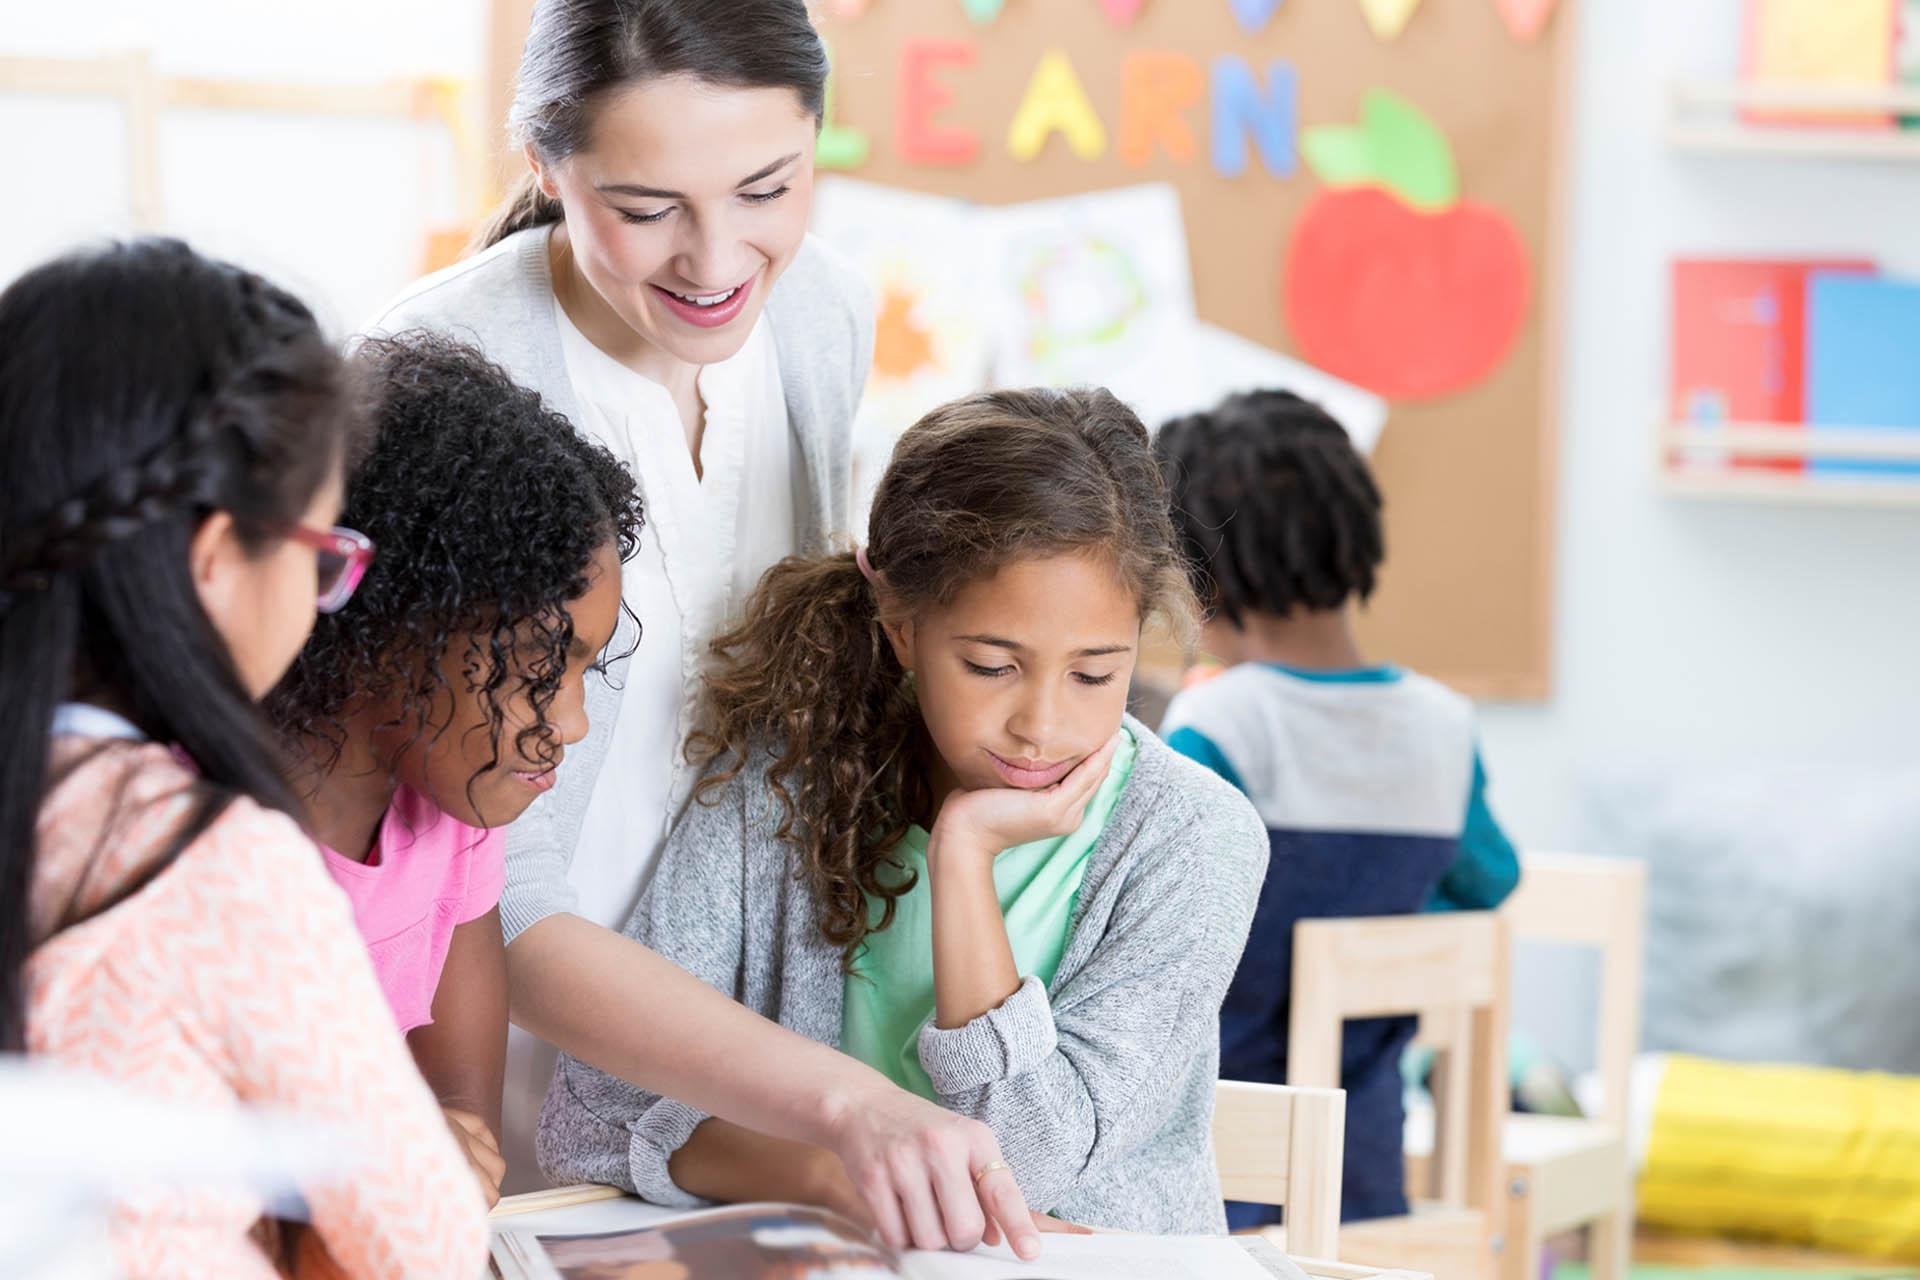 Rientro in classe: insegnante non vaccinato in due giorni infetta metà classe